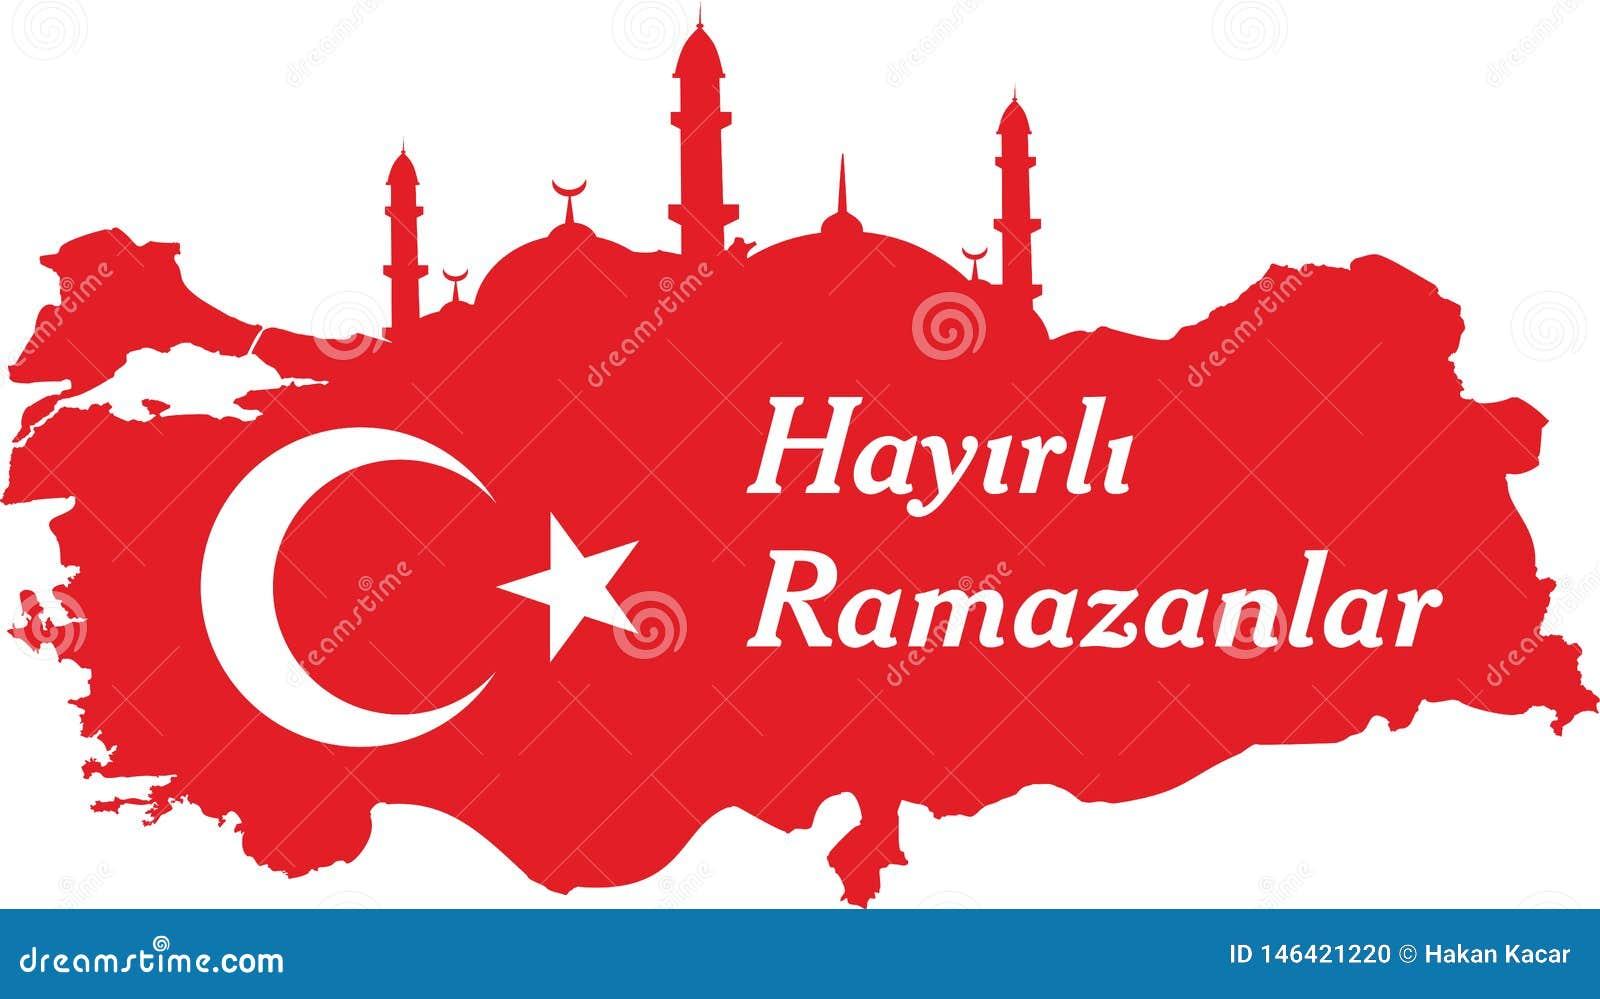 Los turcos felices del Ramad?n hablan: Hayirli ramazanlar